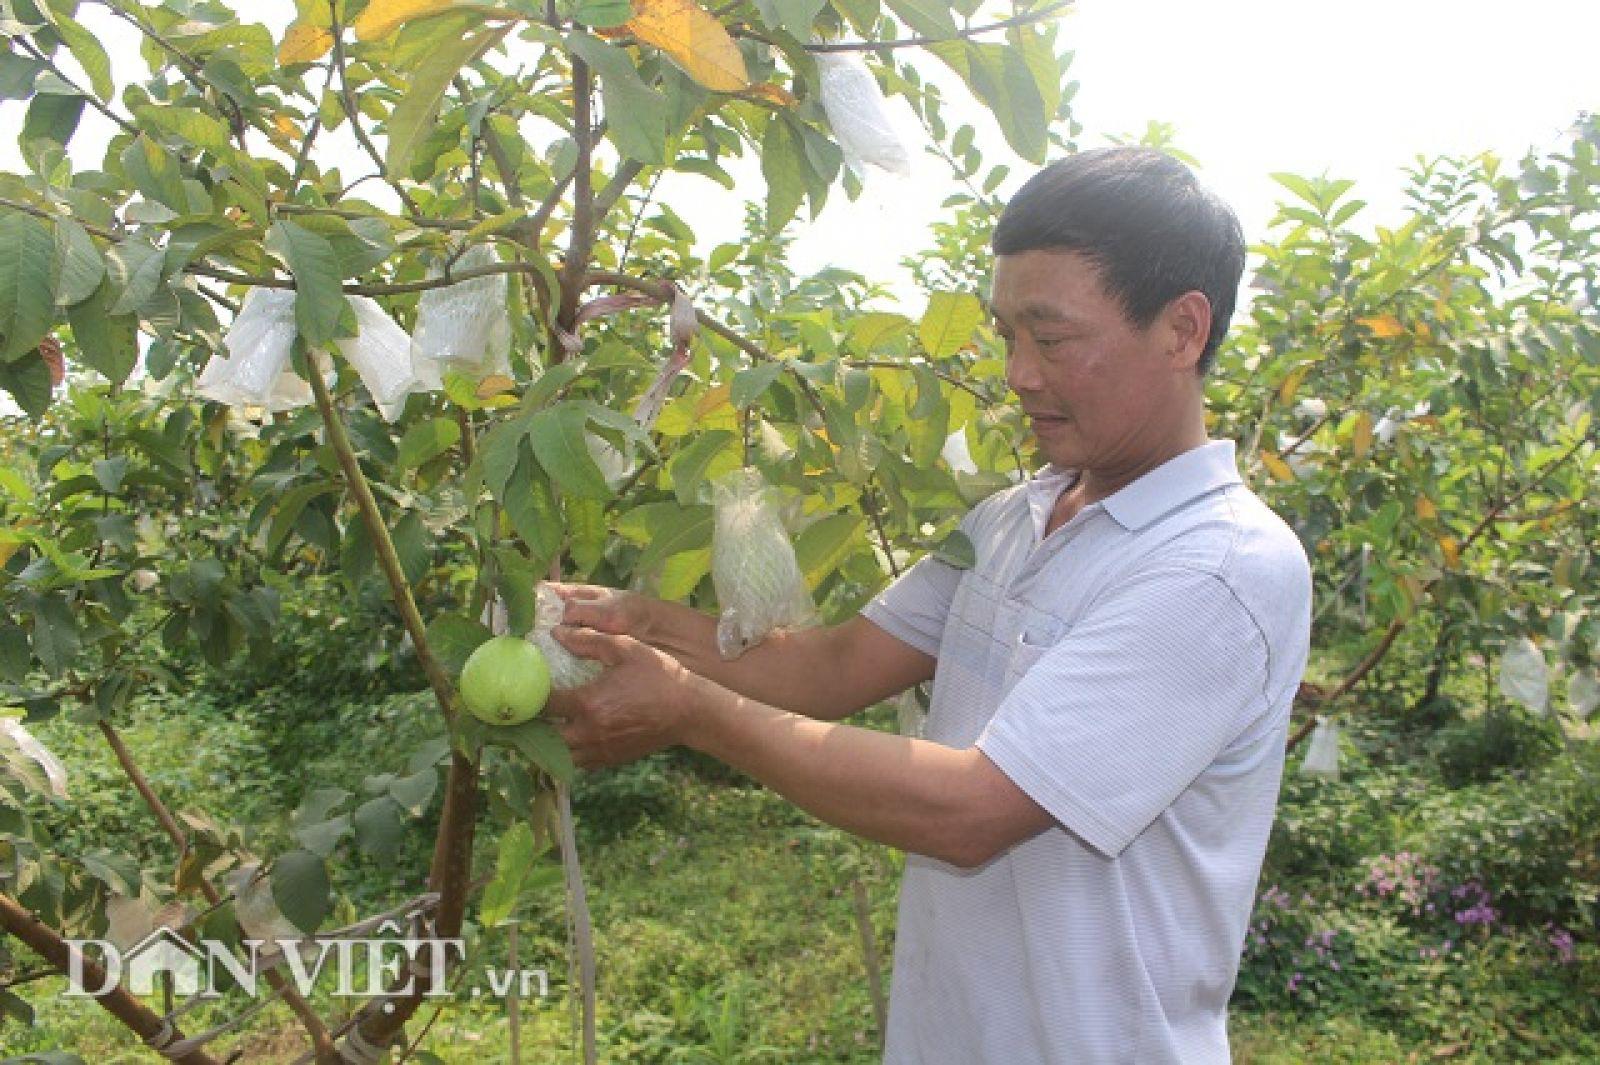 Nông nghiệp Thủ đô bứt phá nhờ công nghệ sản xuất giống cây - con hiện đại - Ảnh 3.